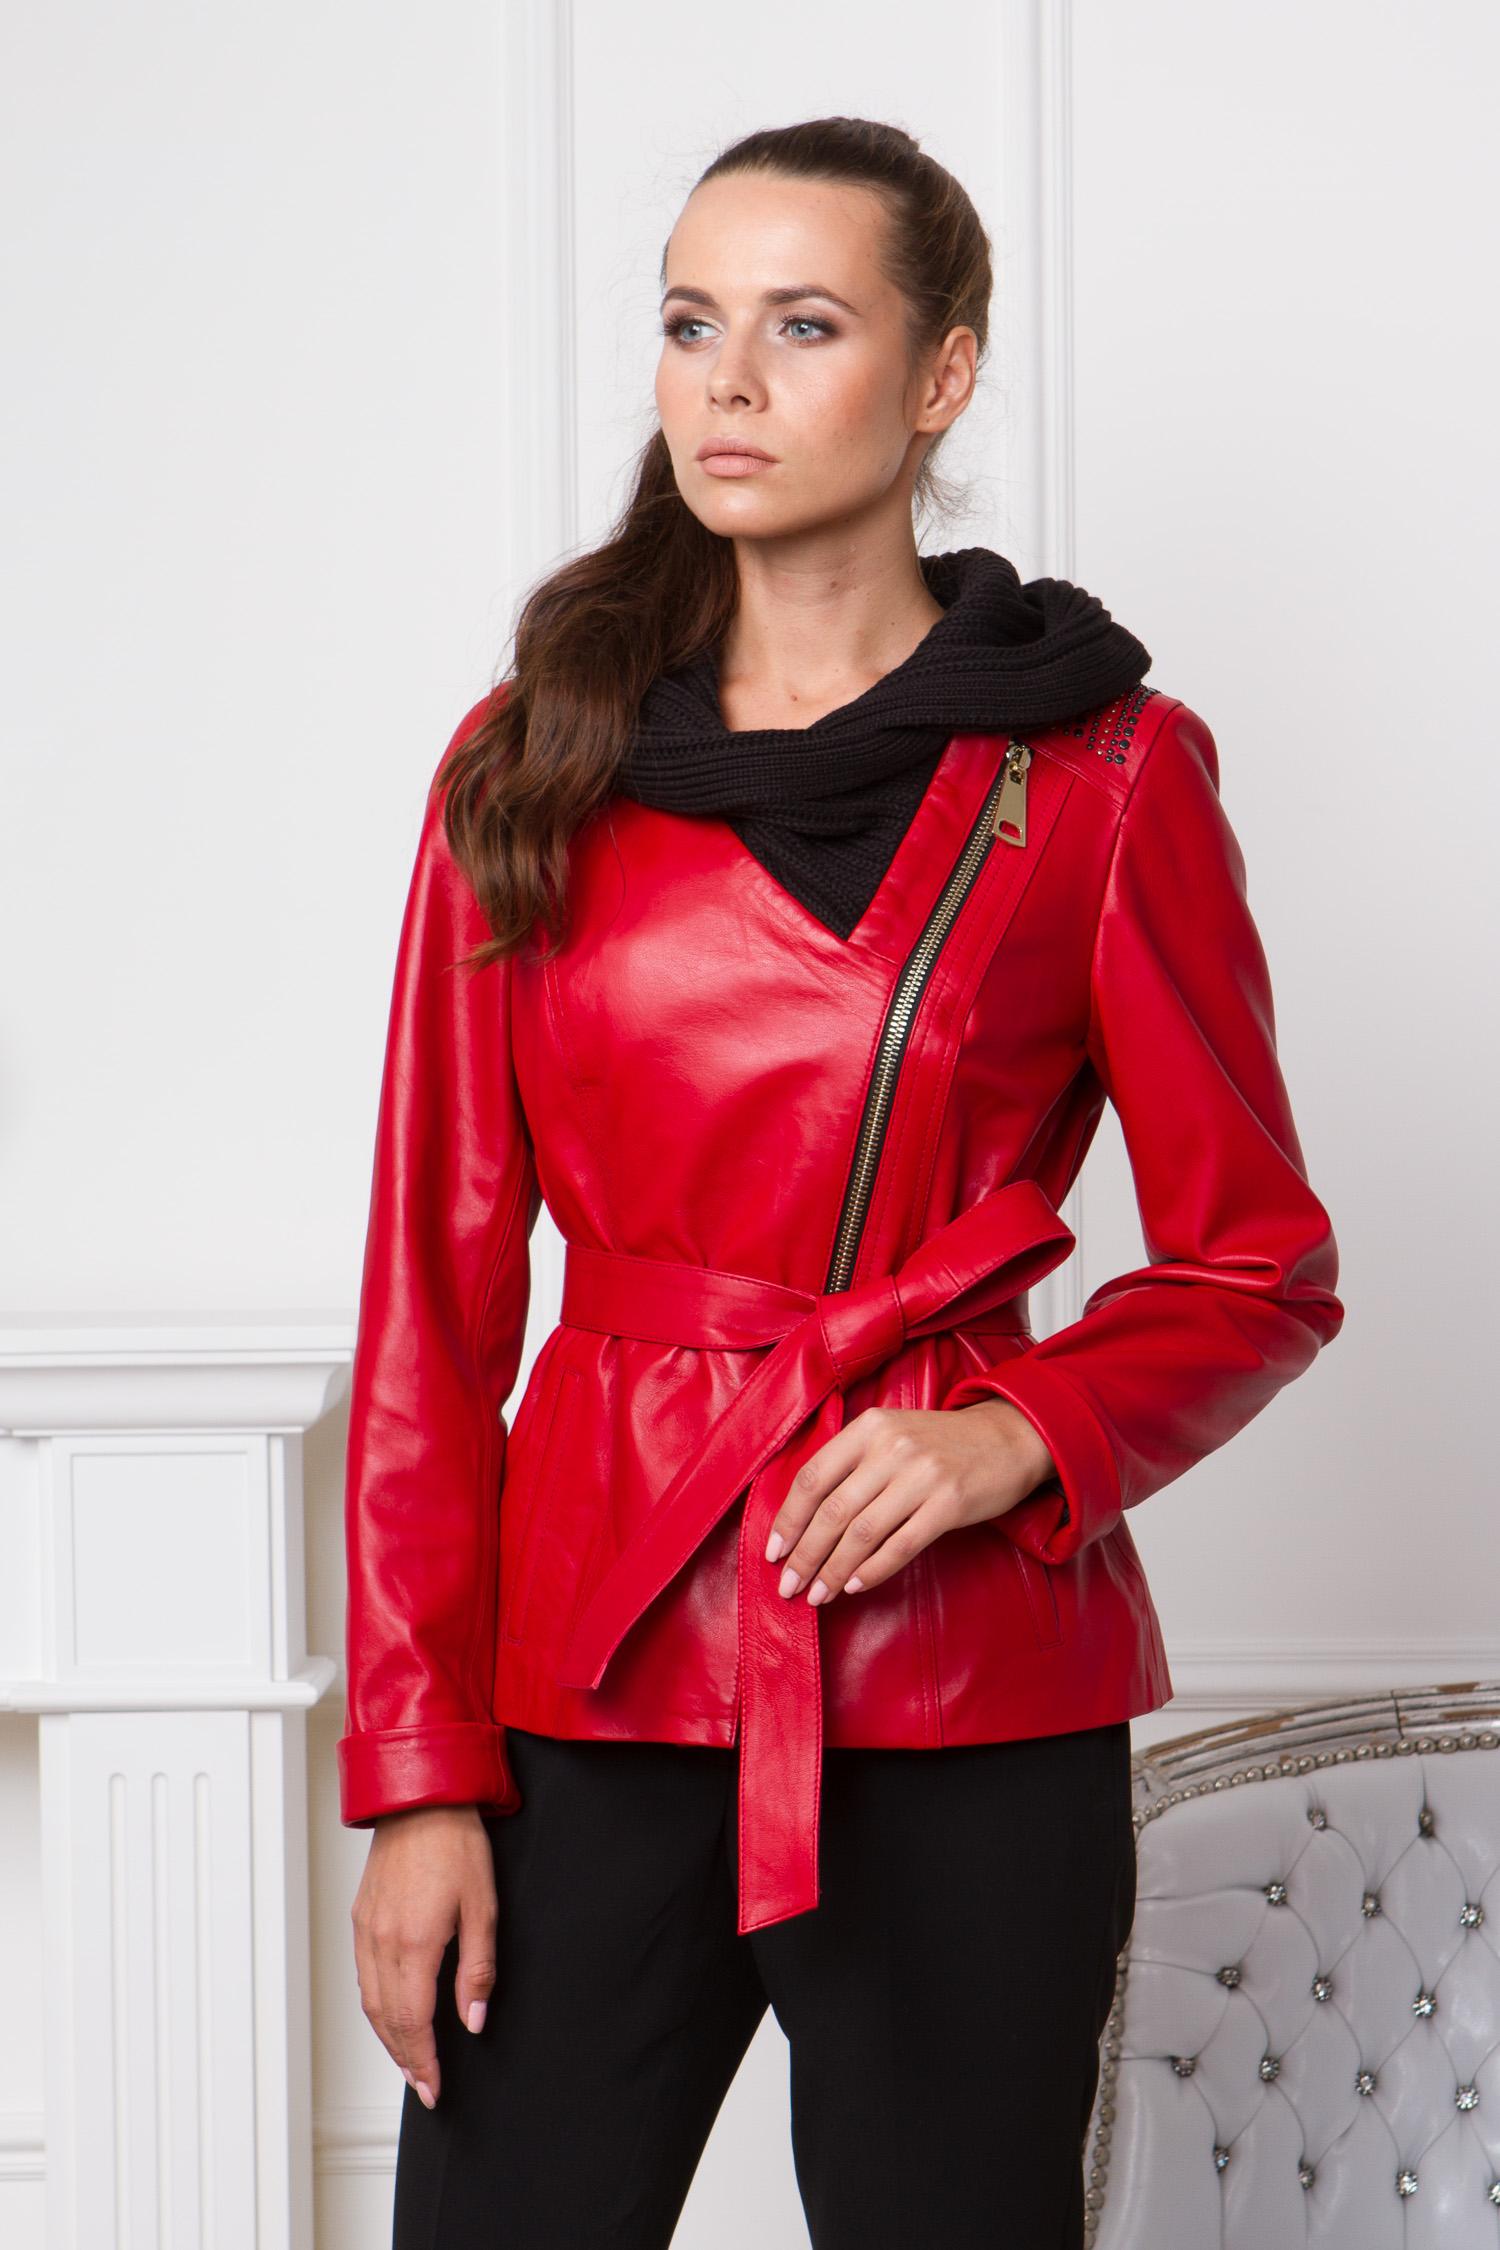 Женская кожаная куртка из натуральной кожи с капюшоном, без отделкиЦвет-алый.<br><br>Яркая куртка от Московской меховой компании выполнена из высококачественной натуральной кожи.<br><br>Благодаря оригинальному дизайну, модель станет незаменимой деталью гардероба поклонниц стилей casual или спорт-шик.<br><br>Главный акцент этой куртки - текстильный капюшон контрастного цвета.Объемные складки и структура ткани, визуально напоминают шарф.<br><br>Куртка застегивается на крупную ассиметричную молнию. Для удобства модель дополнена боковыми карманами и поясом.<br><br>Завершают образ декоративные заклепки на плачах.<br><br>Воротник: капюшон<br>Длина см: Короткая (51-74 )<br>Материал: Кожа овчина<br>Цвет: красный<br>Вид застежки: косая<br>Застежка: на молнии<br>Пол: Женский<br>Размер RU: 42